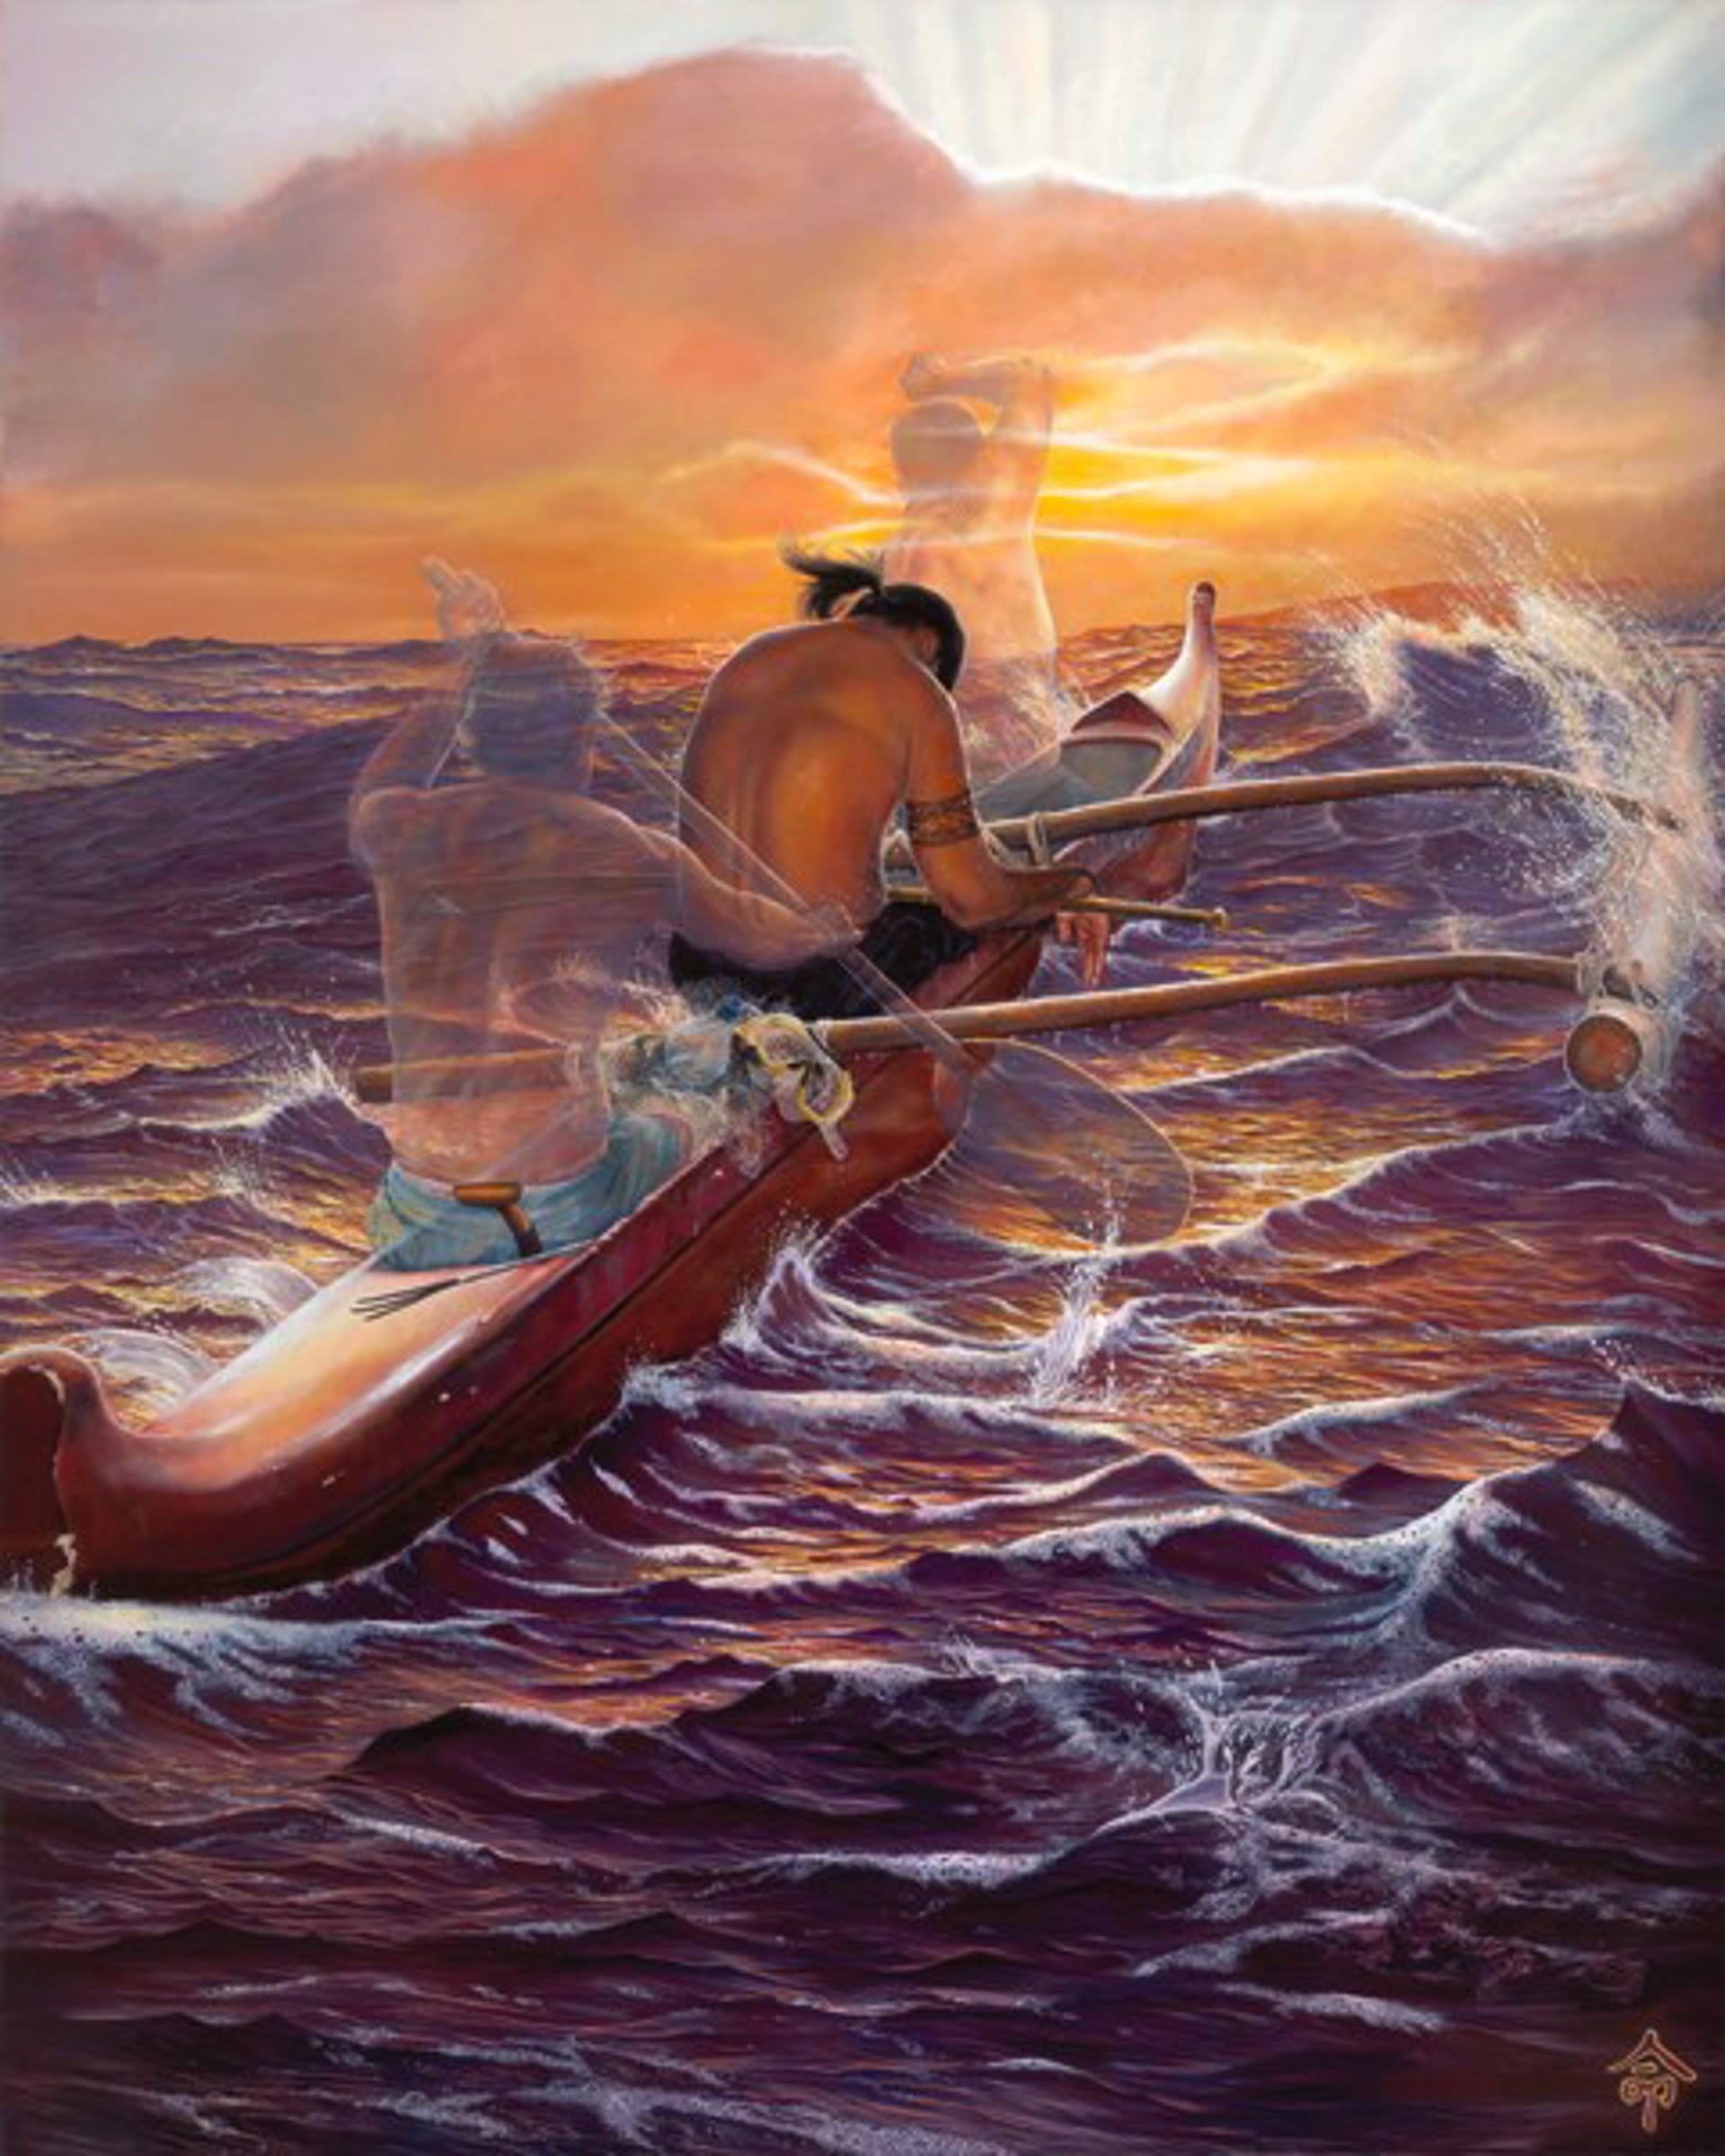 Paddler - He Noho Kou I Ko'u Wa'a by Leohone